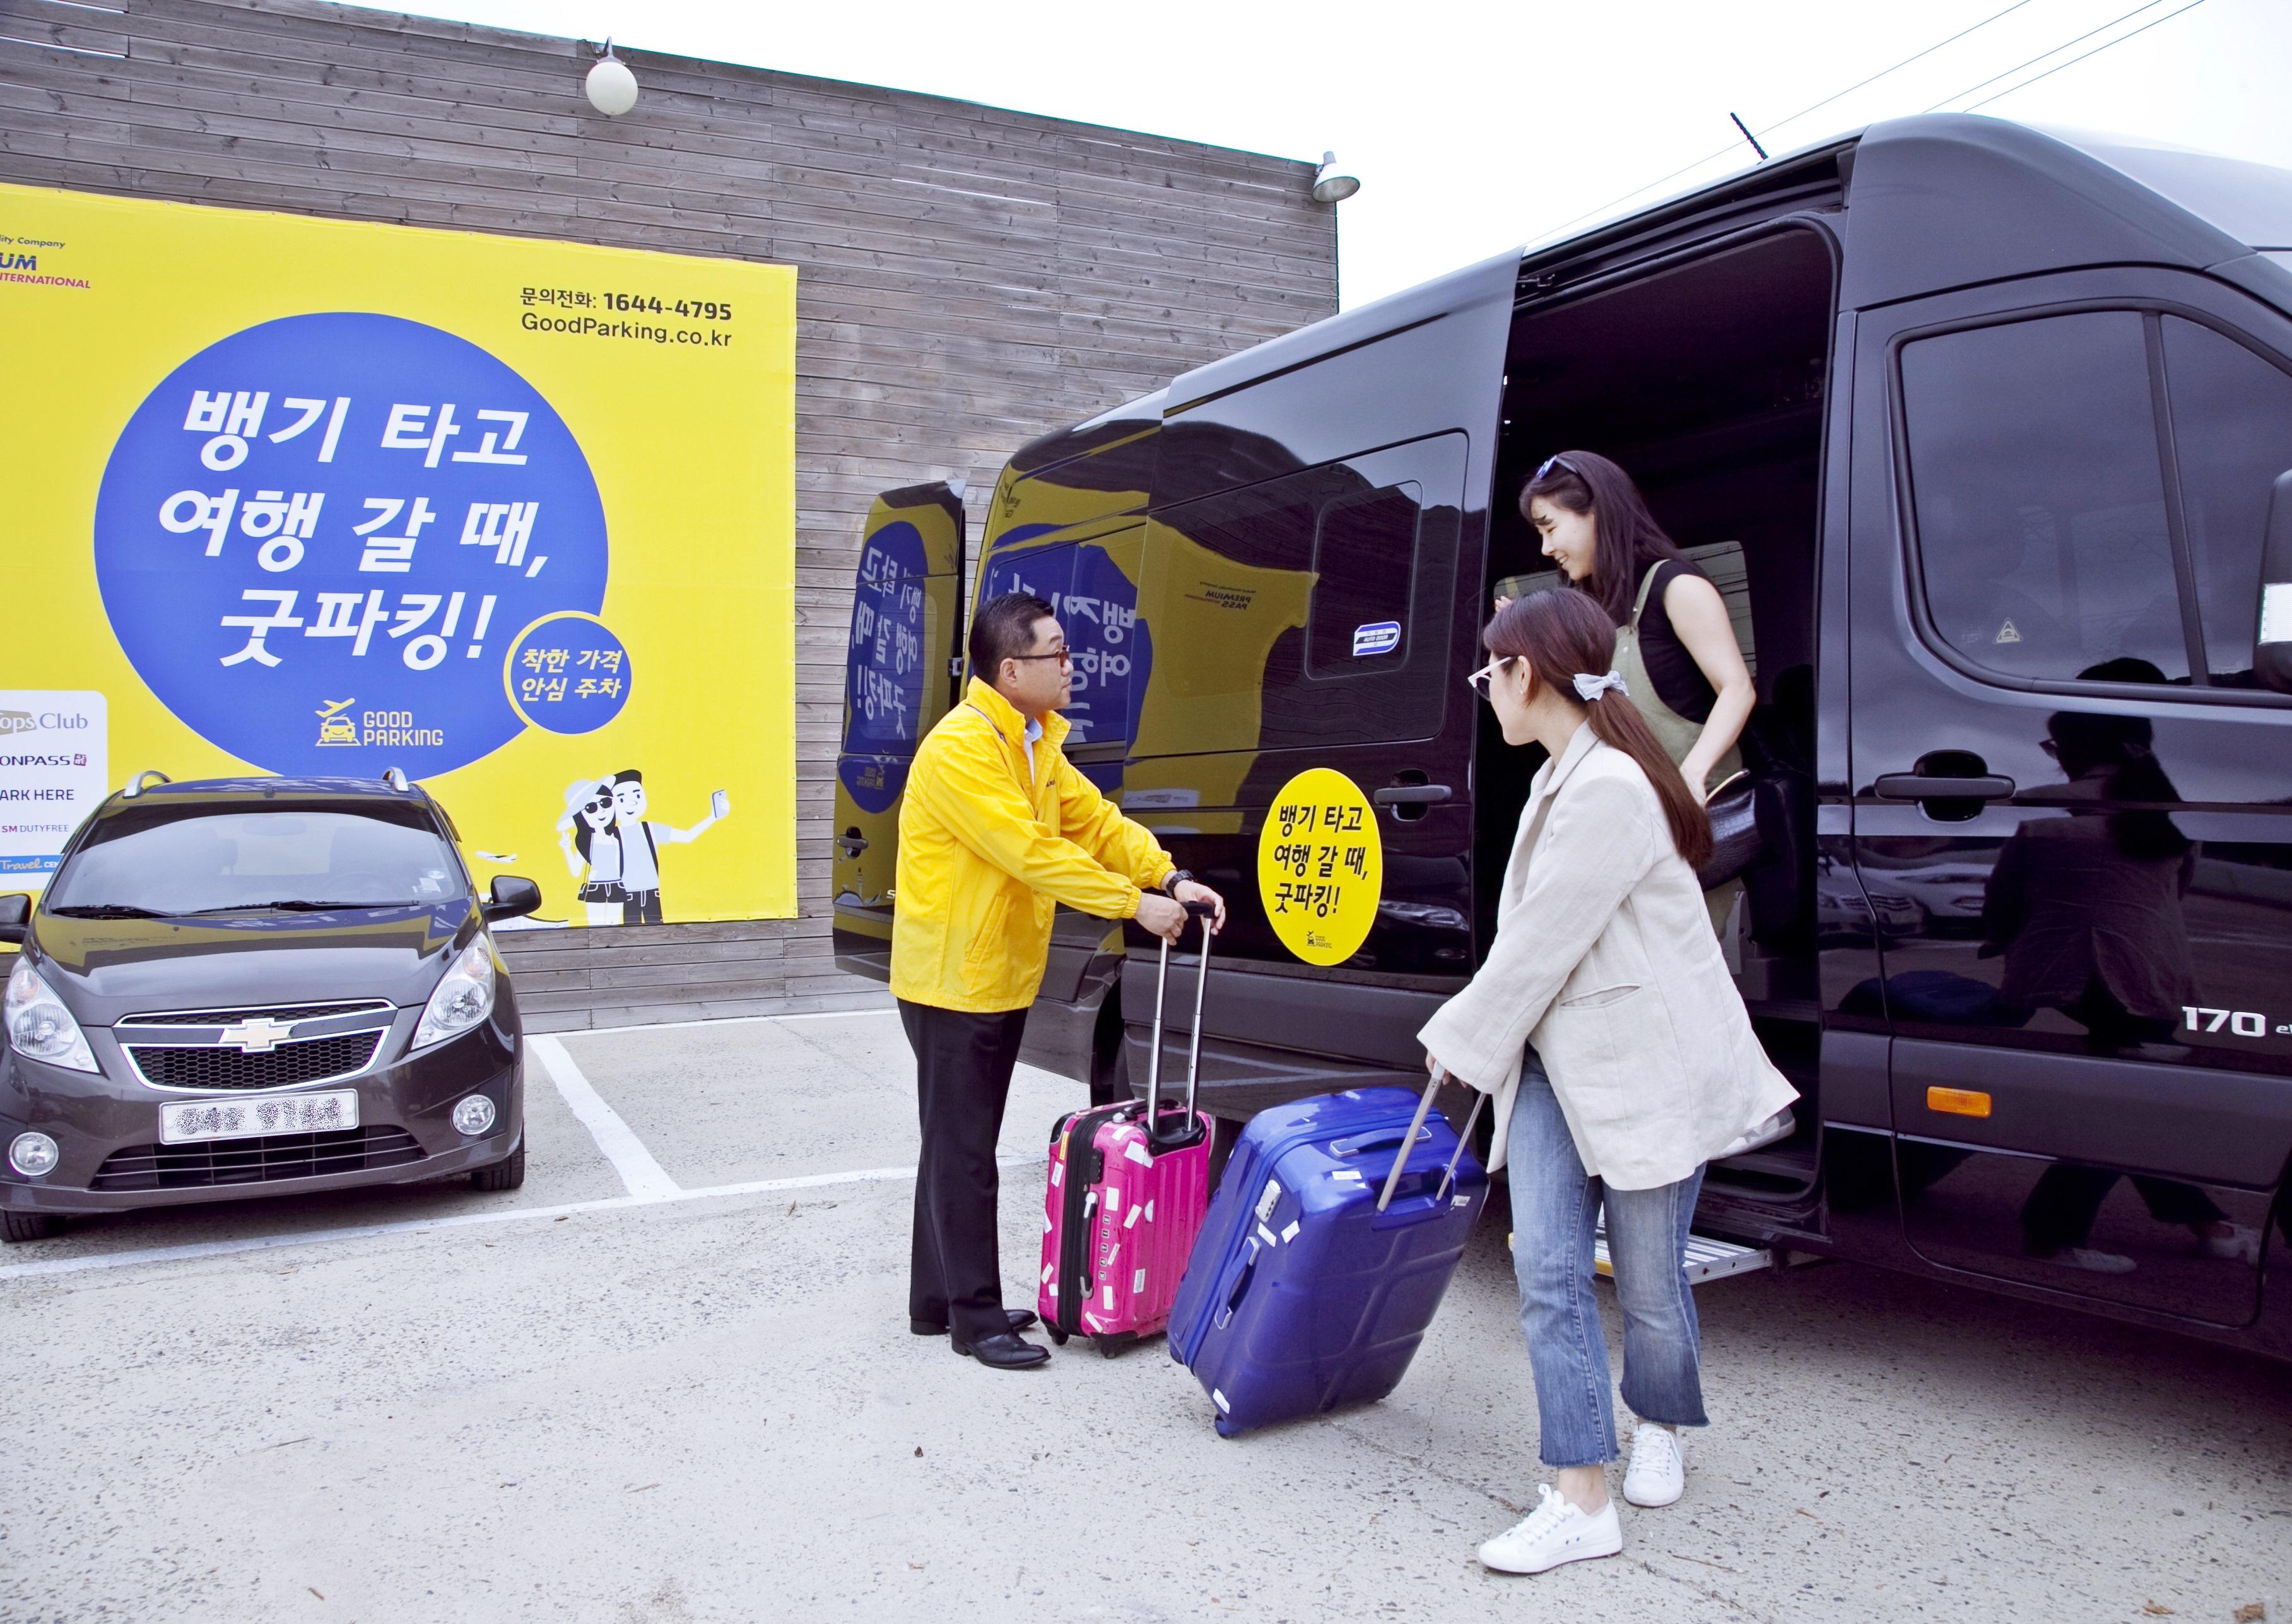 신한TOPS클럽, 인천공항 주차전쟁 뚫고 차별화 된 프리미엄 주차서비스 '굿파킹' 제공